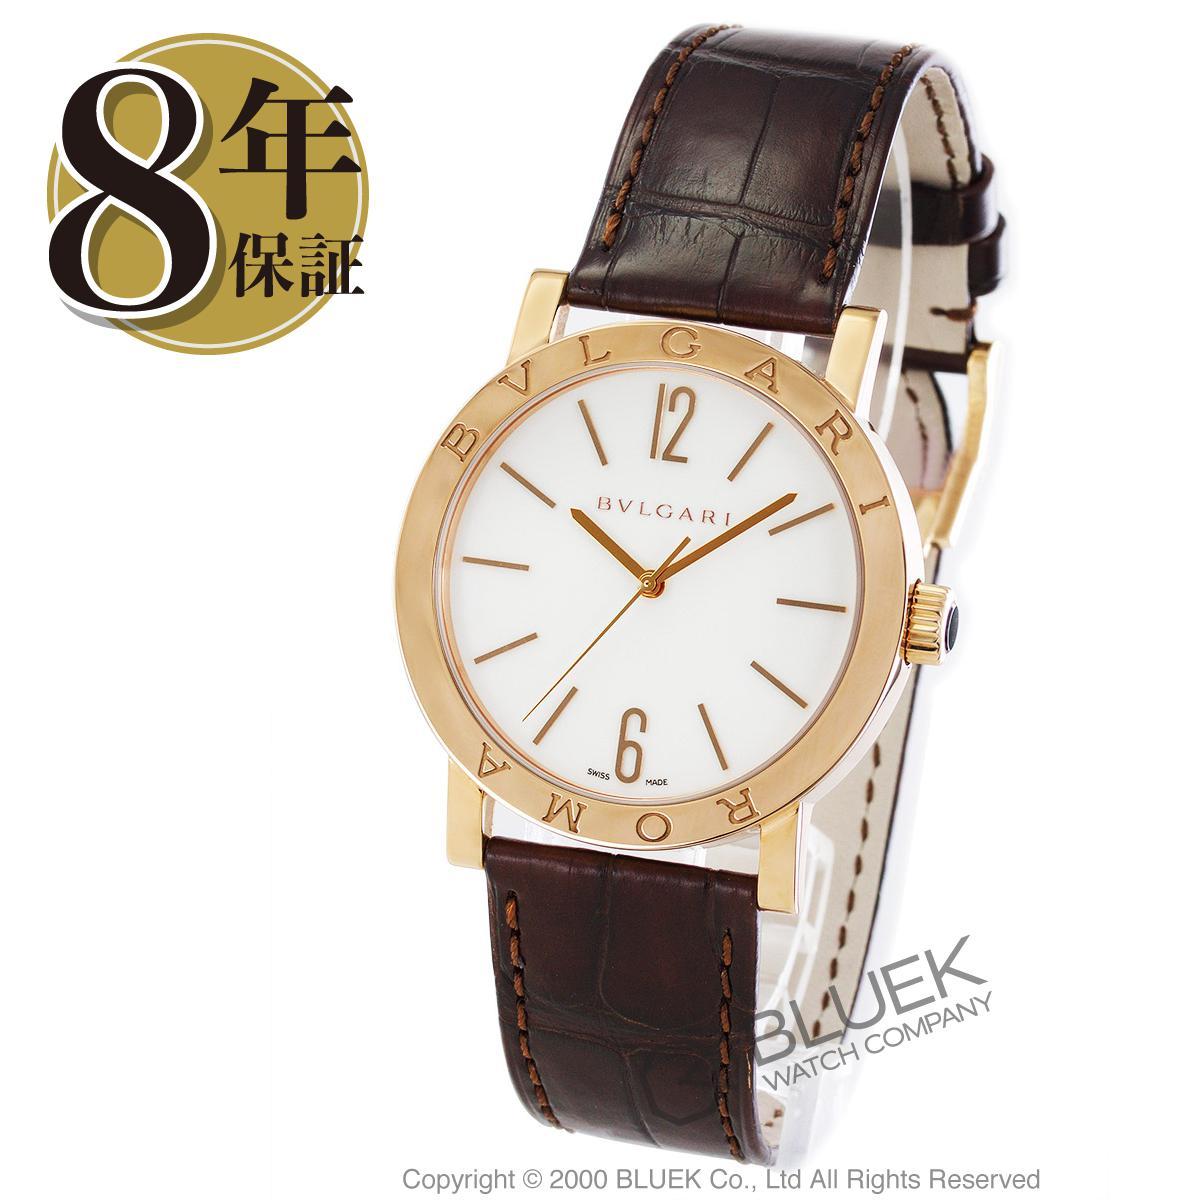 8d41409c7fca ブルガリ ブルガリブルガリ ローマ 世界130本限定 PG金無垢 アリゲーターレザー 腕時計 メンズ BVLGARI BBP39WGL/ROMA_8  · ブルークウォッチカンパニー